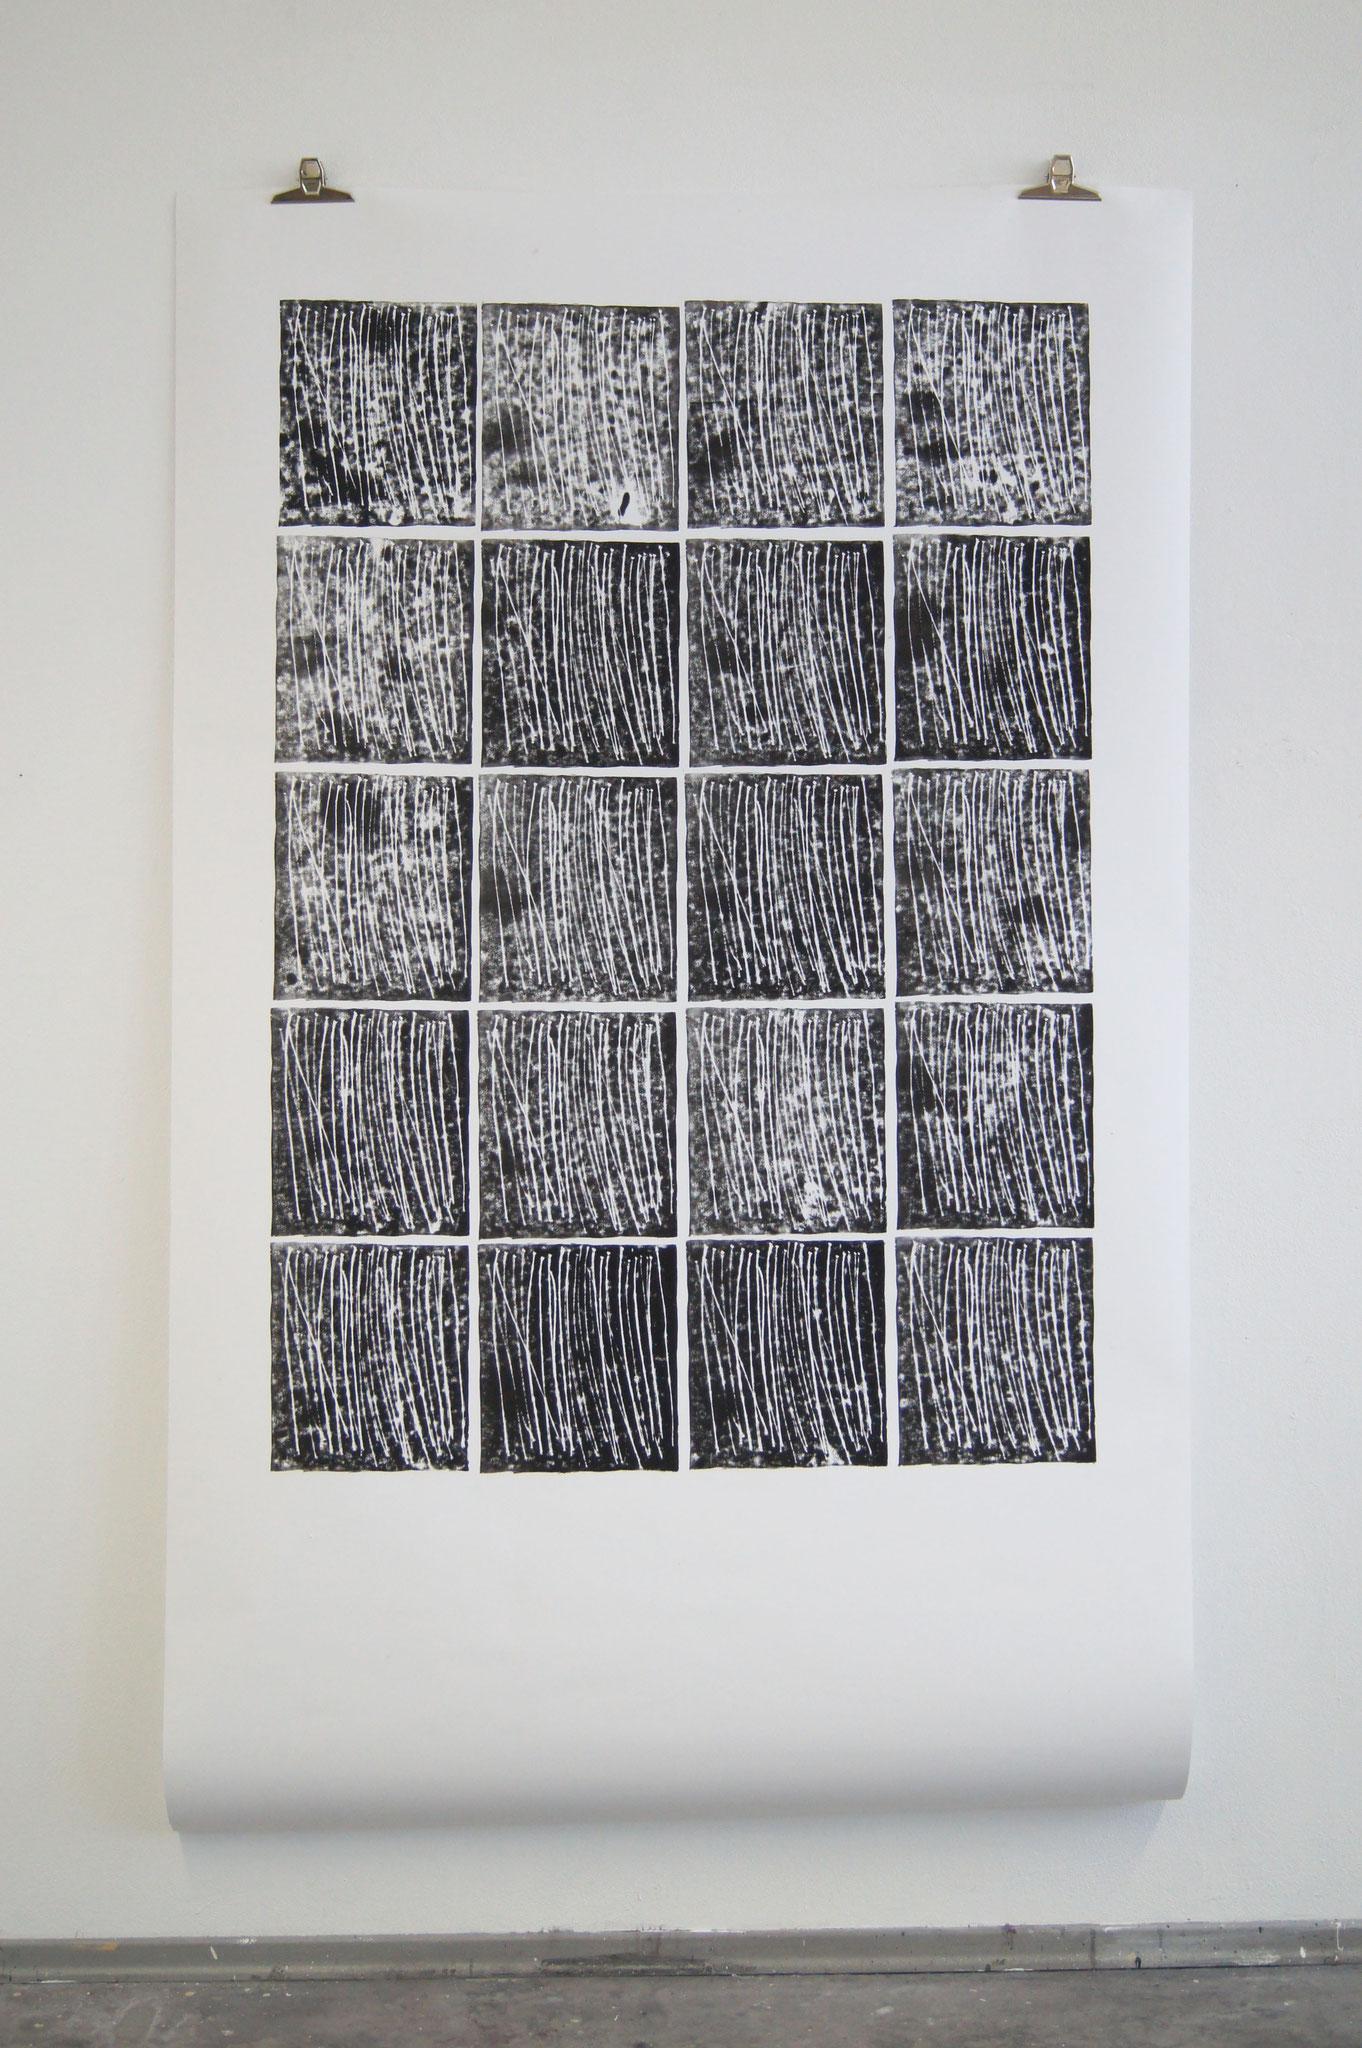 Hans Peter, Moosgummidruck, 1,50m x 2,50m